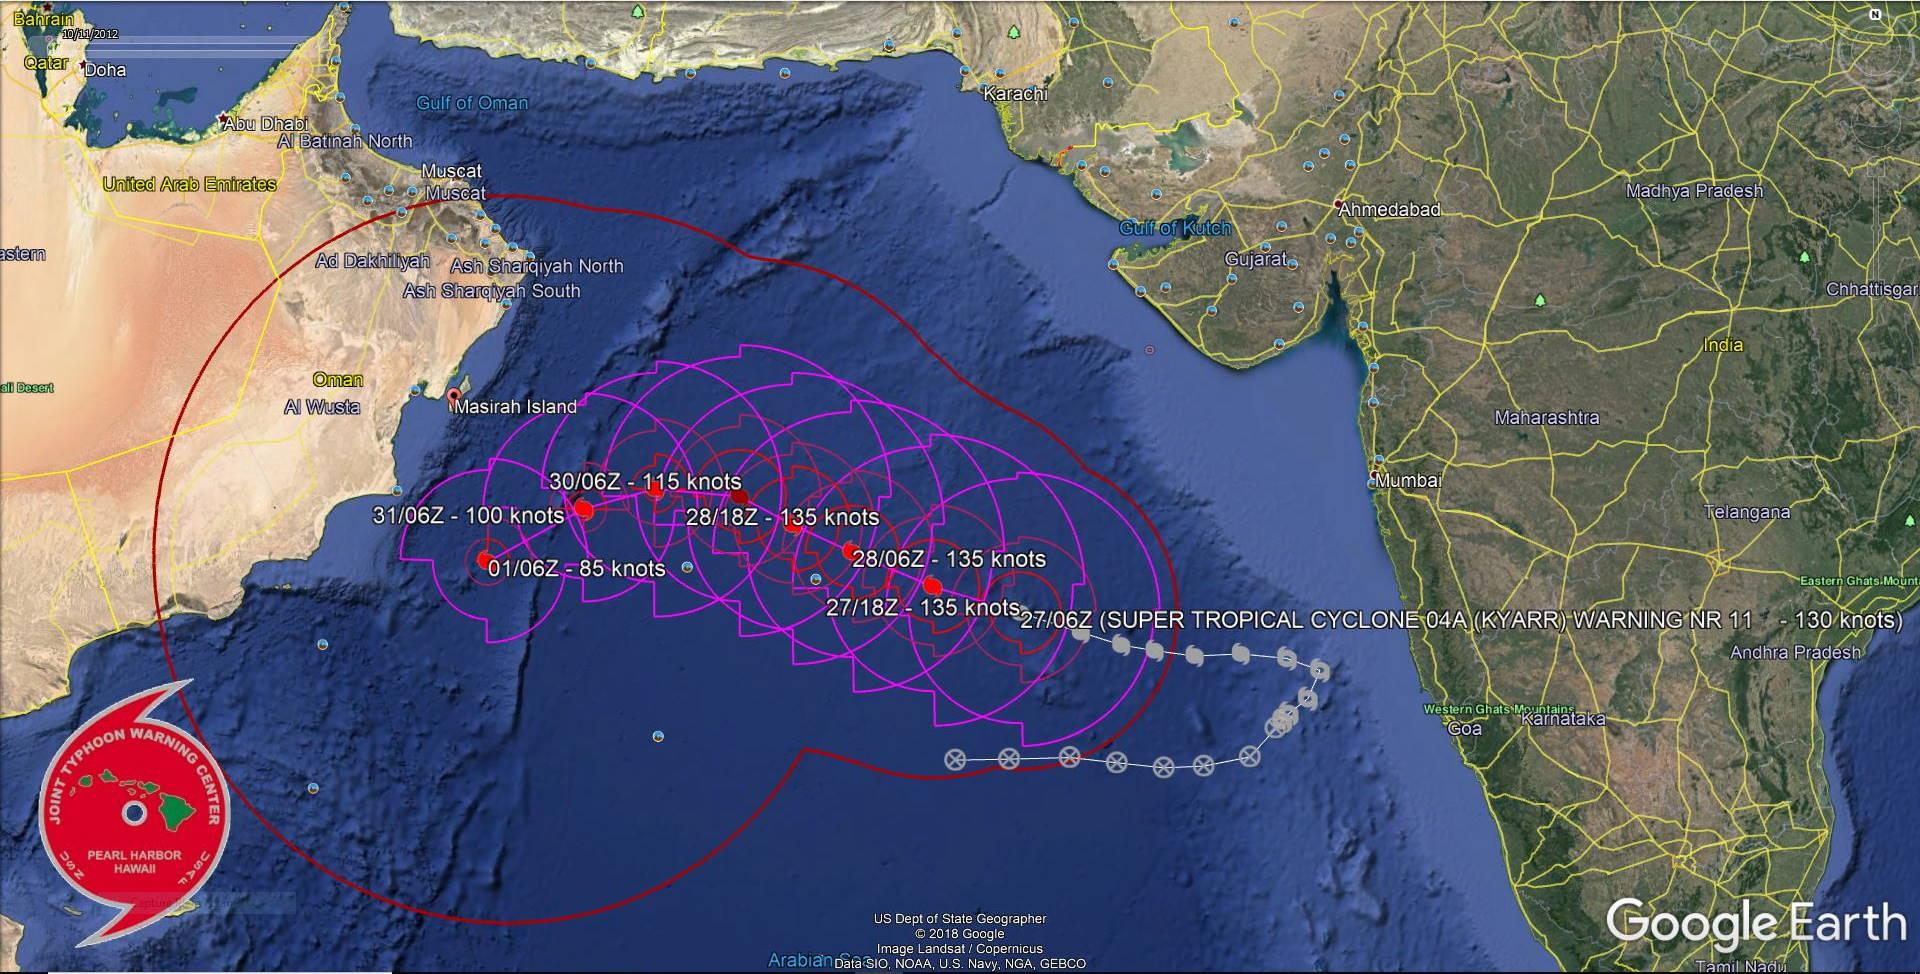 Super Cyclone 04A